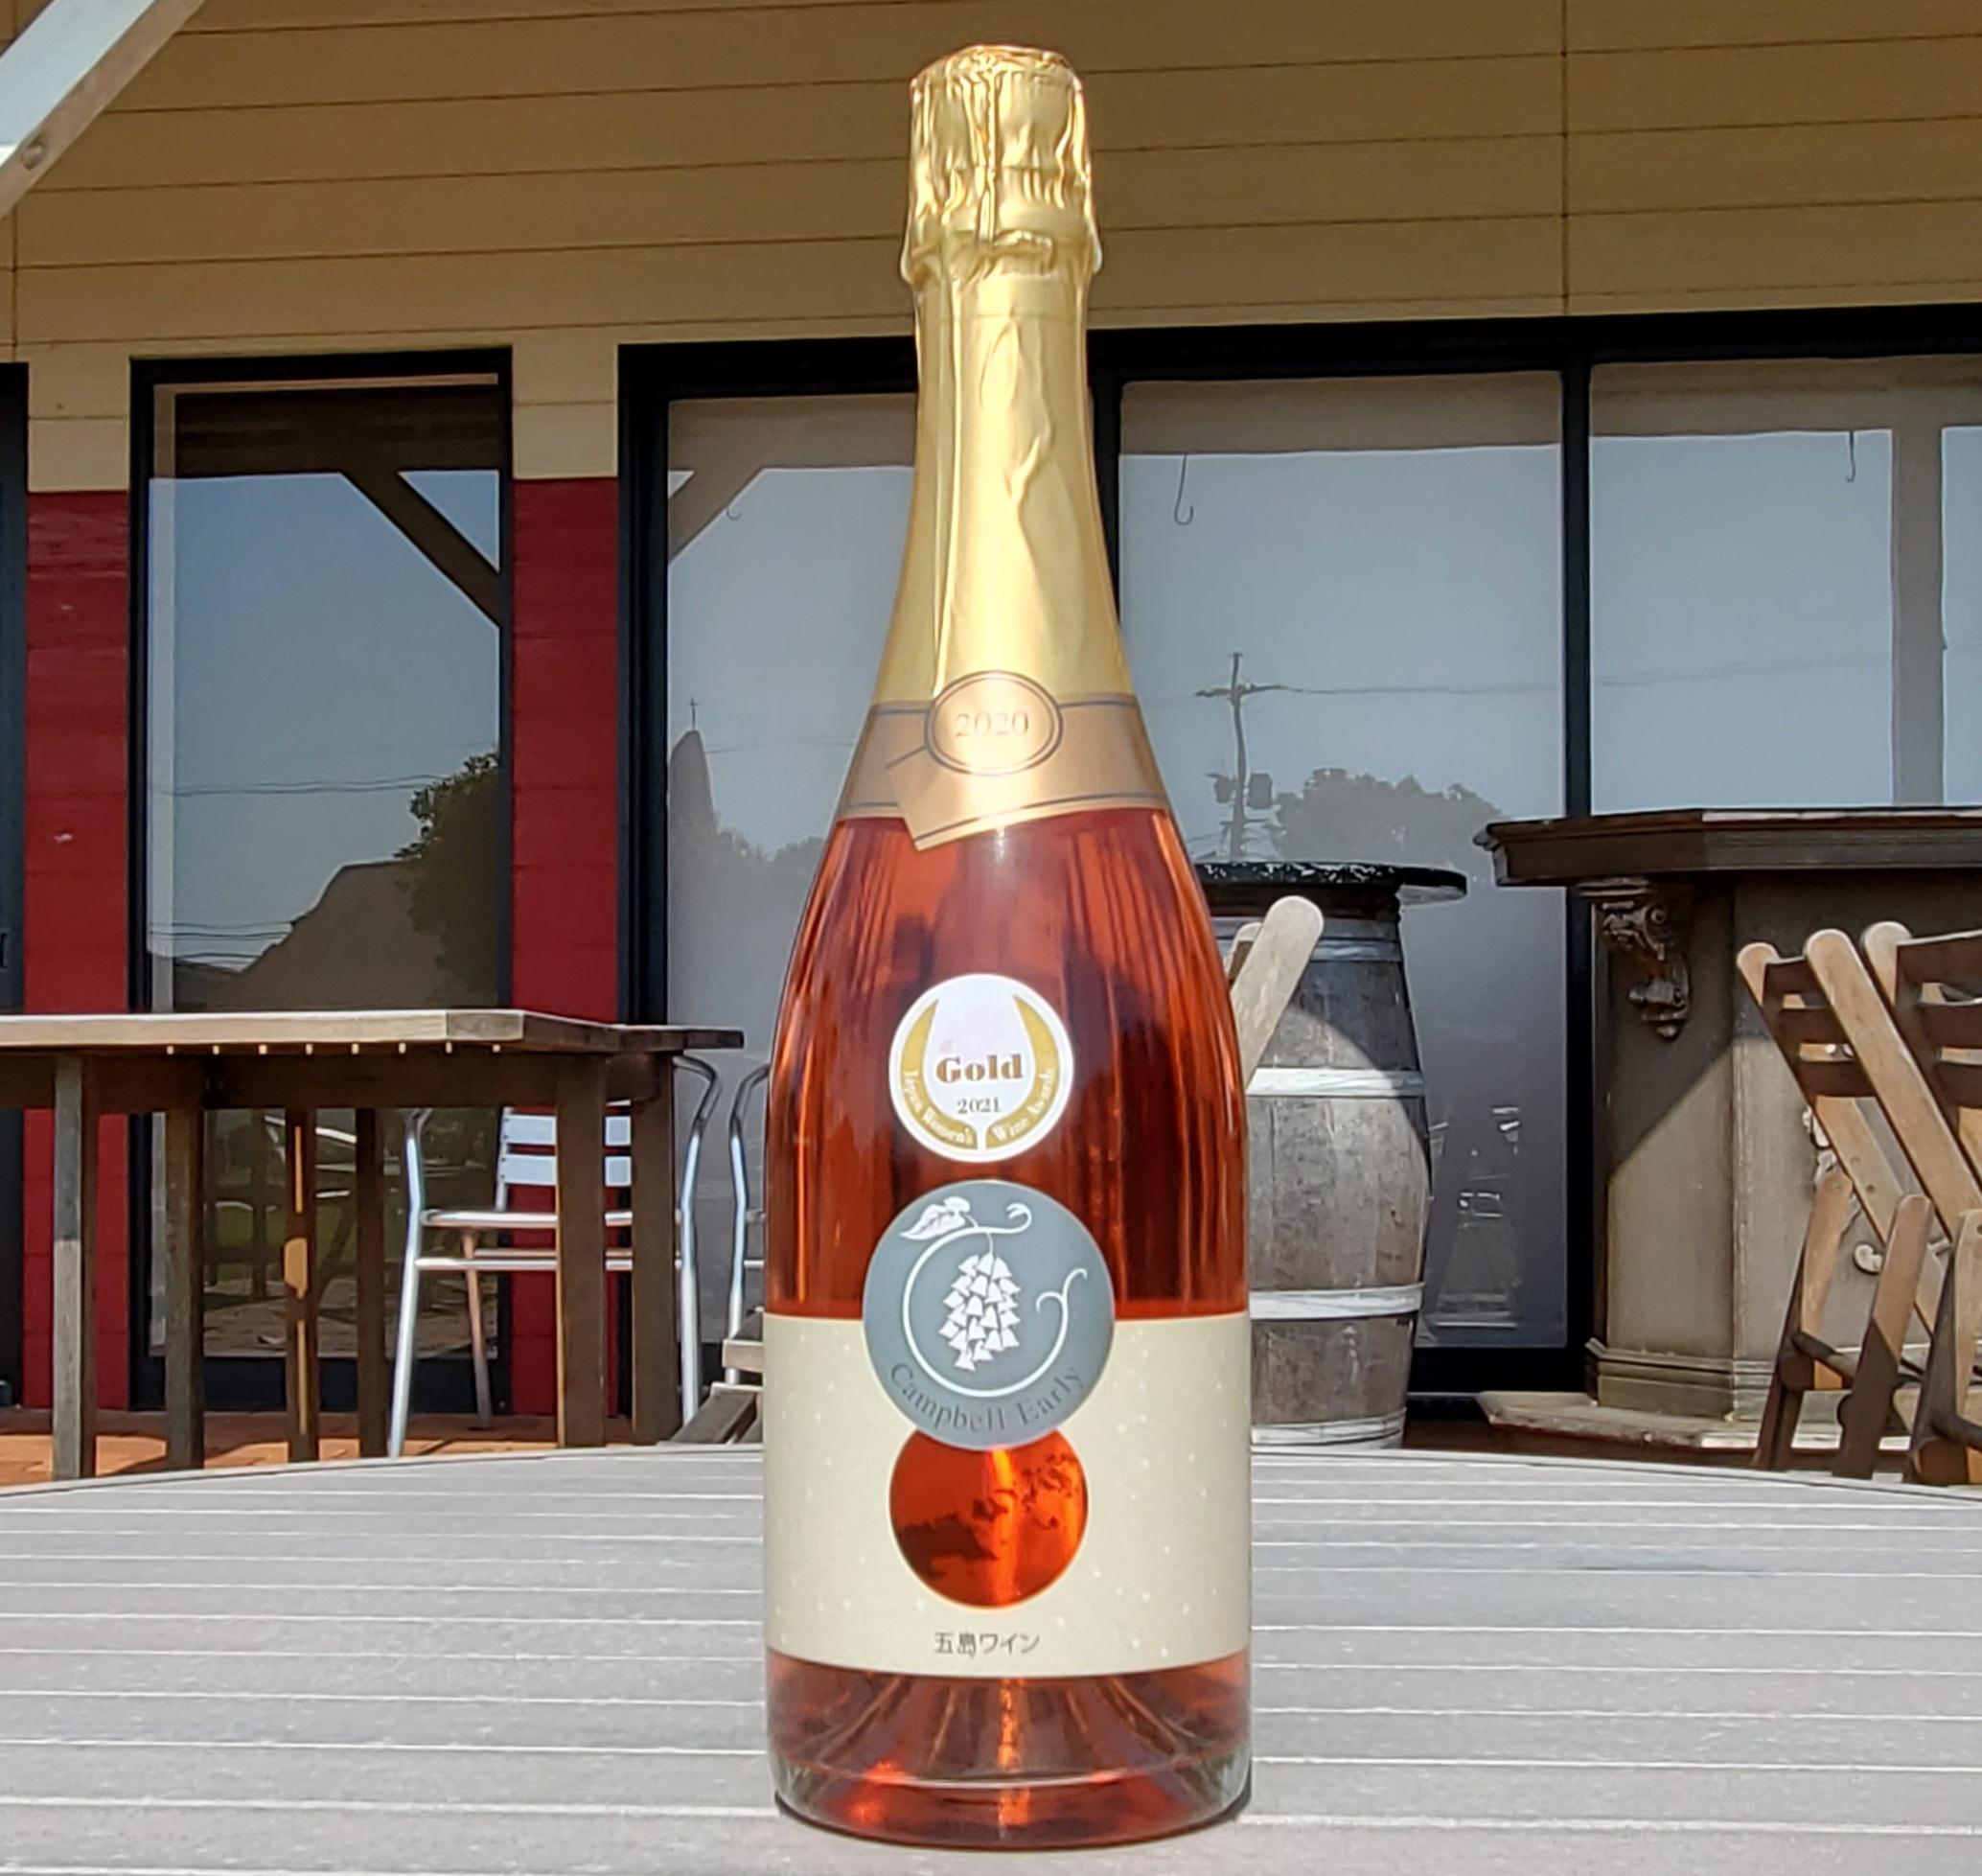 ★スパークリングワイン キャンベル・アーリー2020の追加予定について